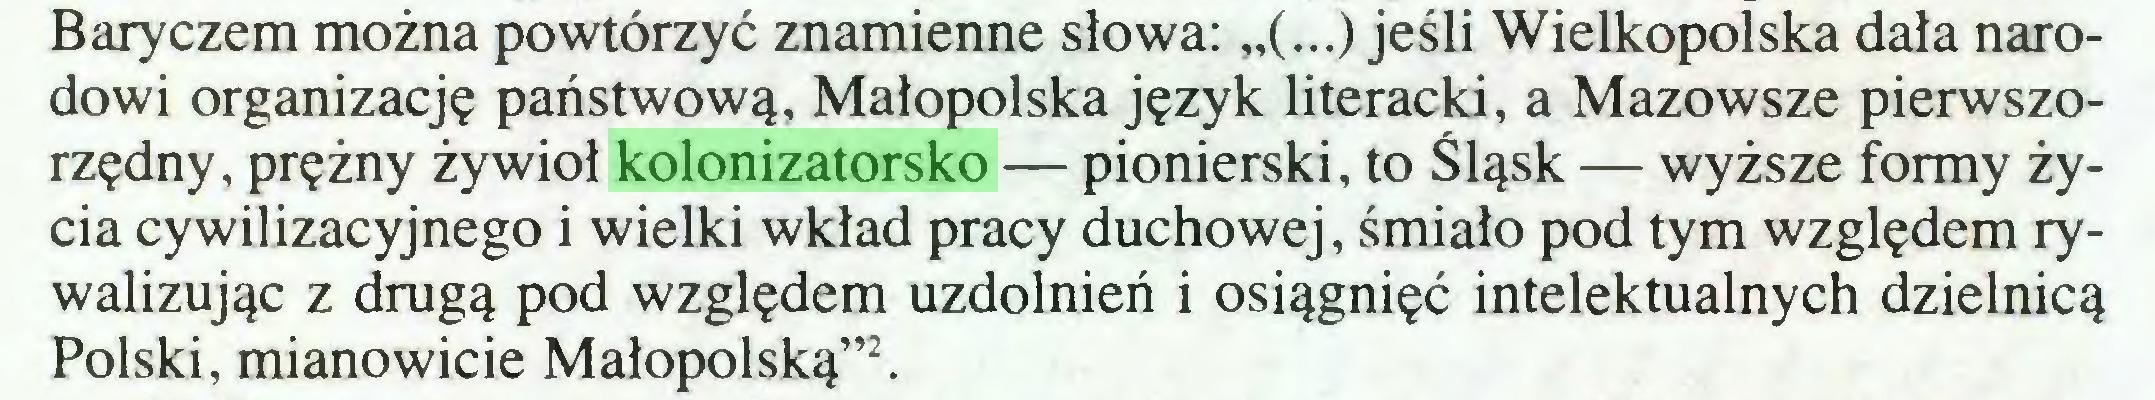 """(...) Baryczem można powtórzyć znamienne słowa: """"(...) jeśli Wielkopolska dała narodowi organizację państwową, Małopolska język literacki, a Mazowsze pierwszorzędny, prężny żywioł kolonizatorsko — pionierski, to Śląsk — wyższe formy życia cywilizacyjnego i wielki wkład pracy duchowej, śmiało pod tym względem rywalizując z drugą pod względem uzdolnień i osiągnięć intelektualnych dzielnicą Polski, mianowicie Małopolską""""2..."""